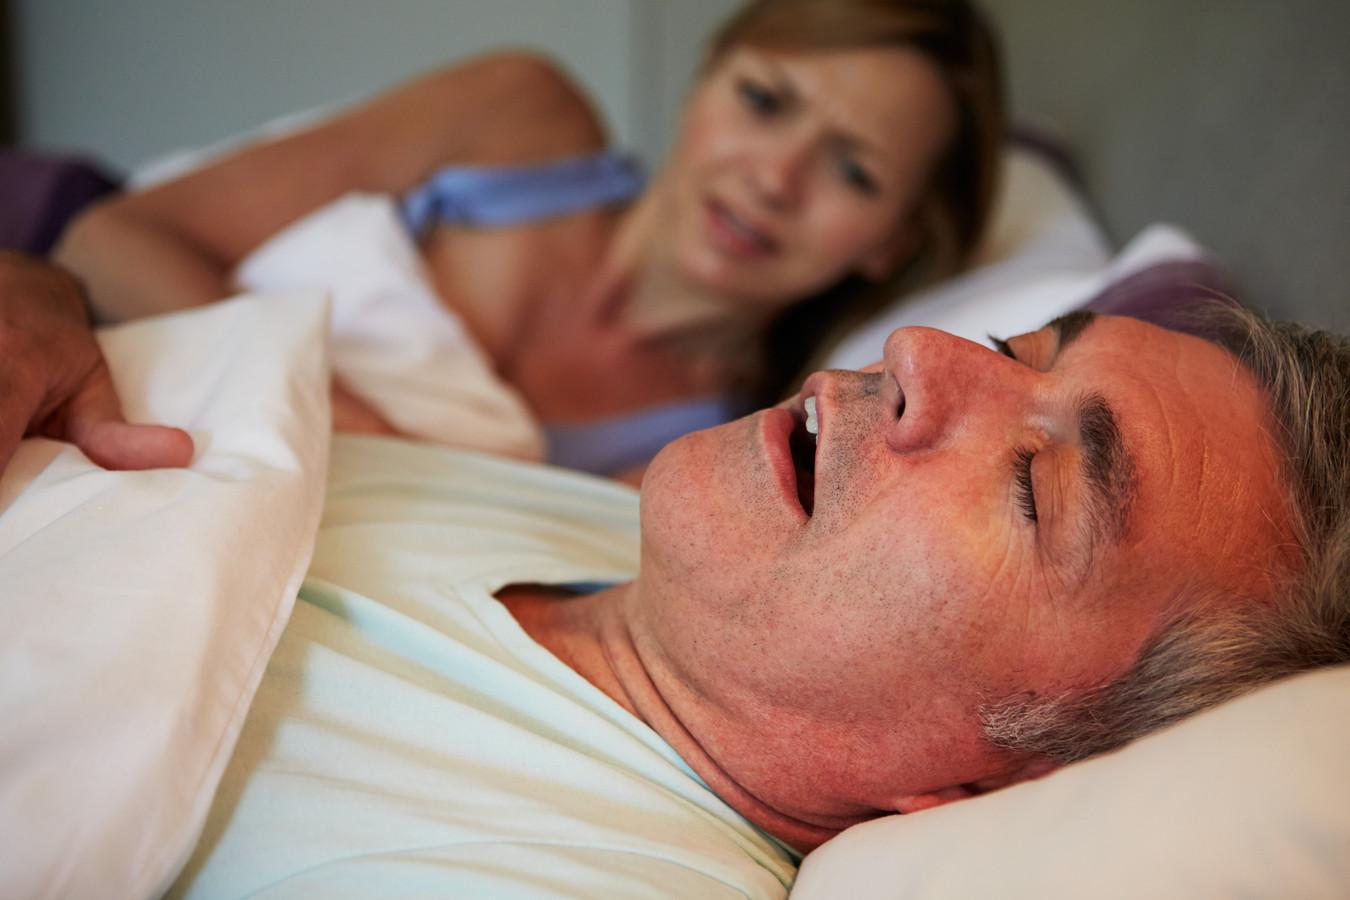 Overlast door snurken, voor velen helaas herkenbaar.